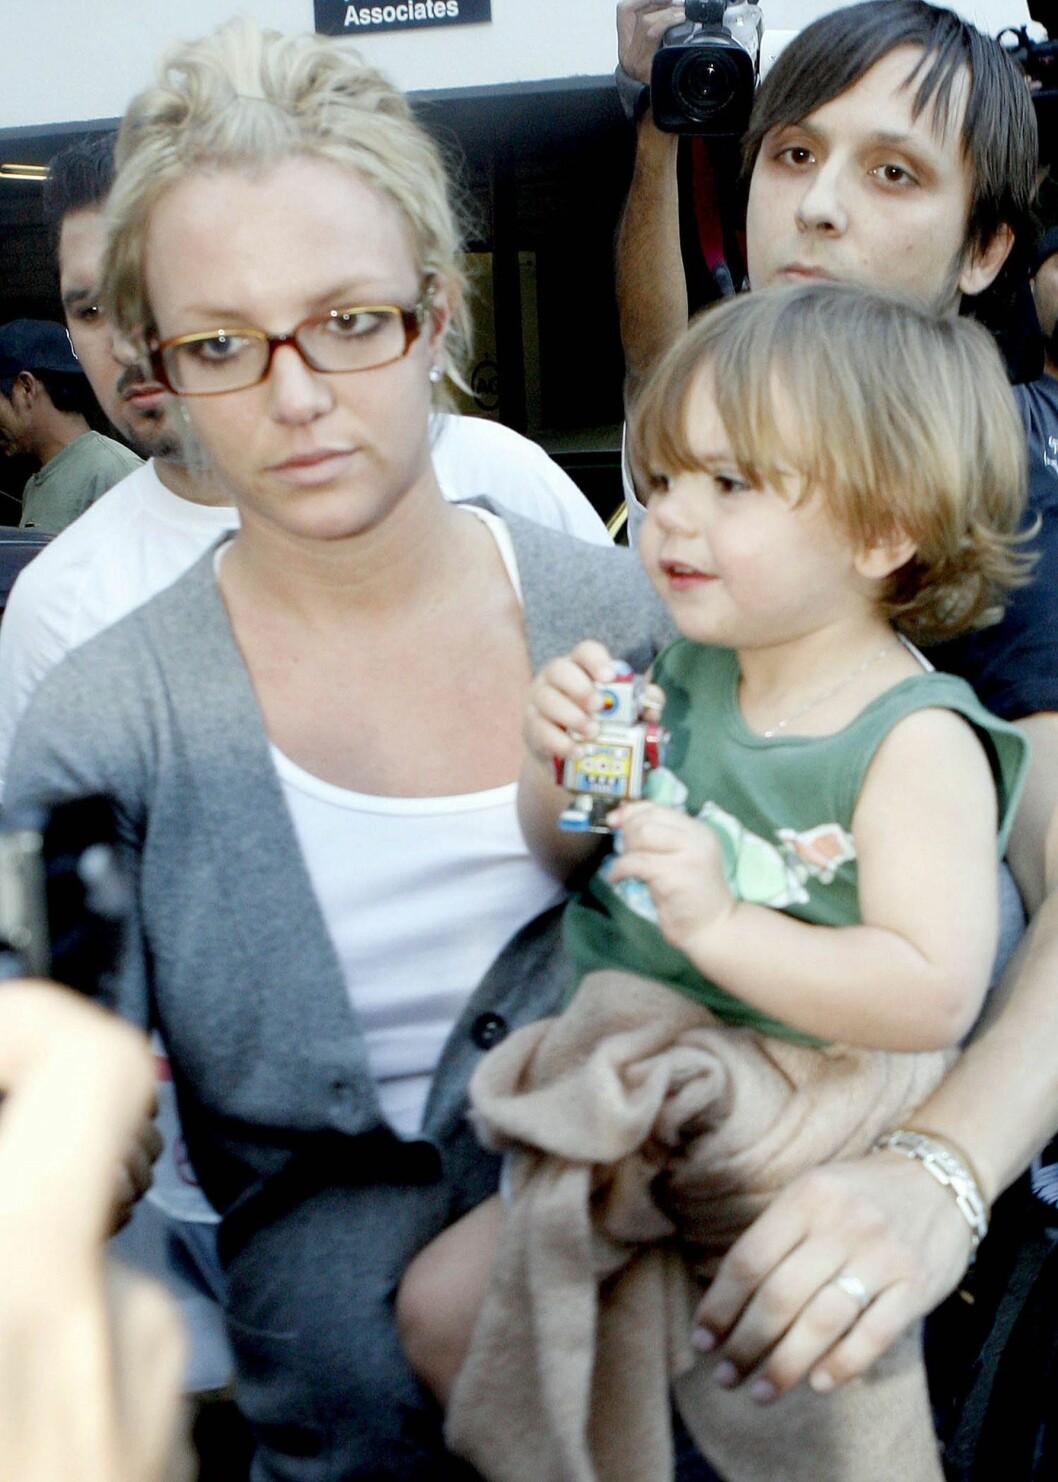 <strong>MISTET OMSORGSRETTEN:</strong> Etter at Britney Spears hadde en turbulent tid hvor hun var inn og ut av forskjellige rehabiliteringssenter, mistet hun omsorgsretten for barna.  Foto: WENN.com